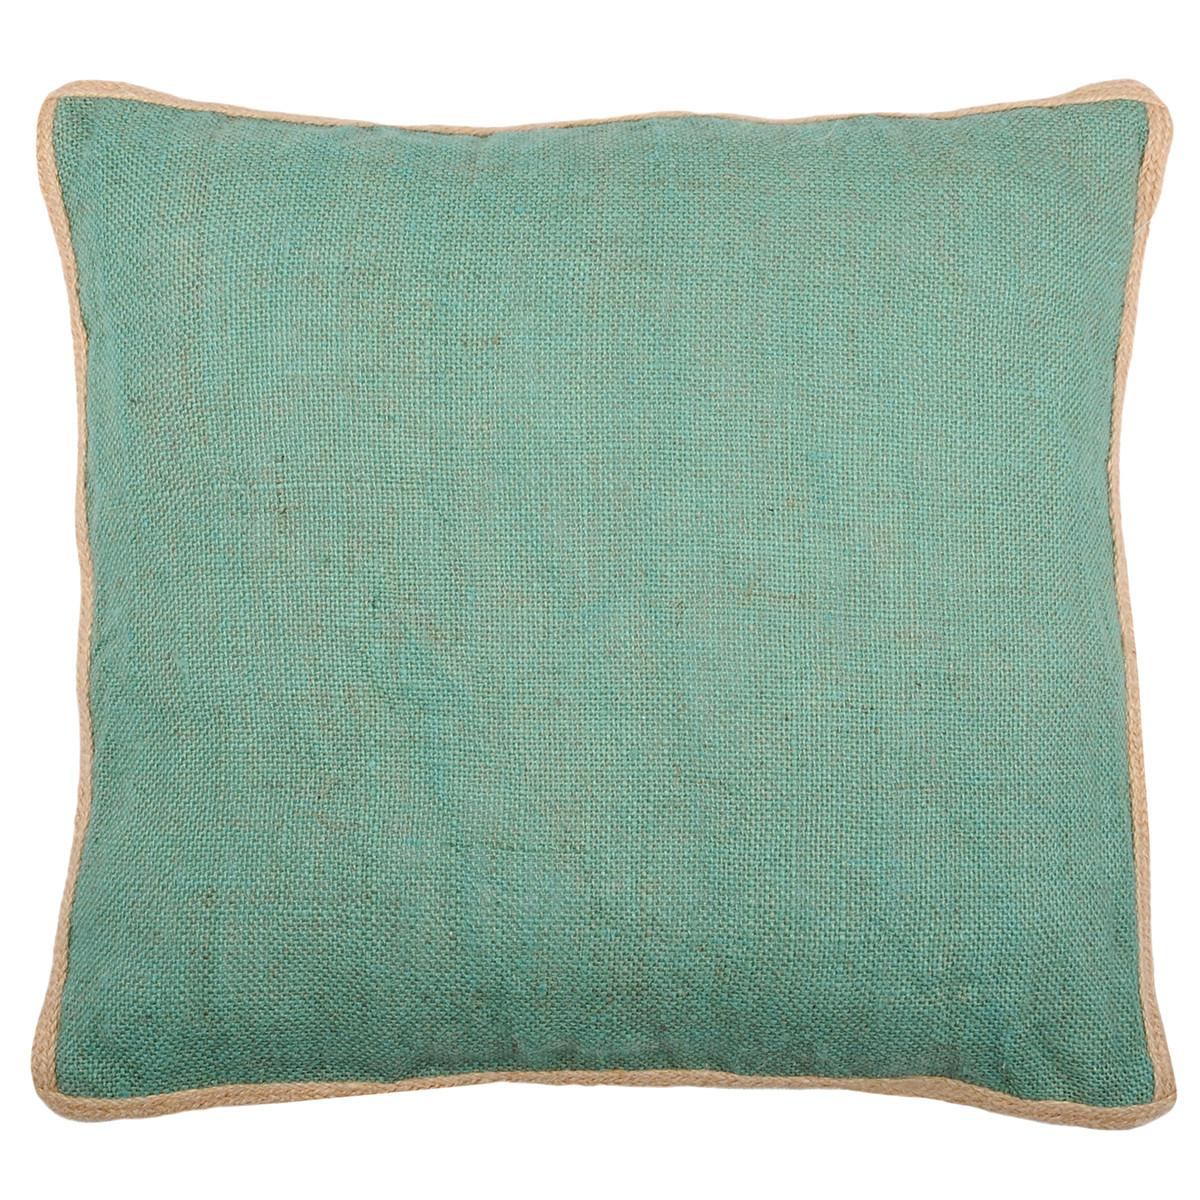 Διακοσμητικό Μαξιλάρι (40×40) Toundra Amande C04293004